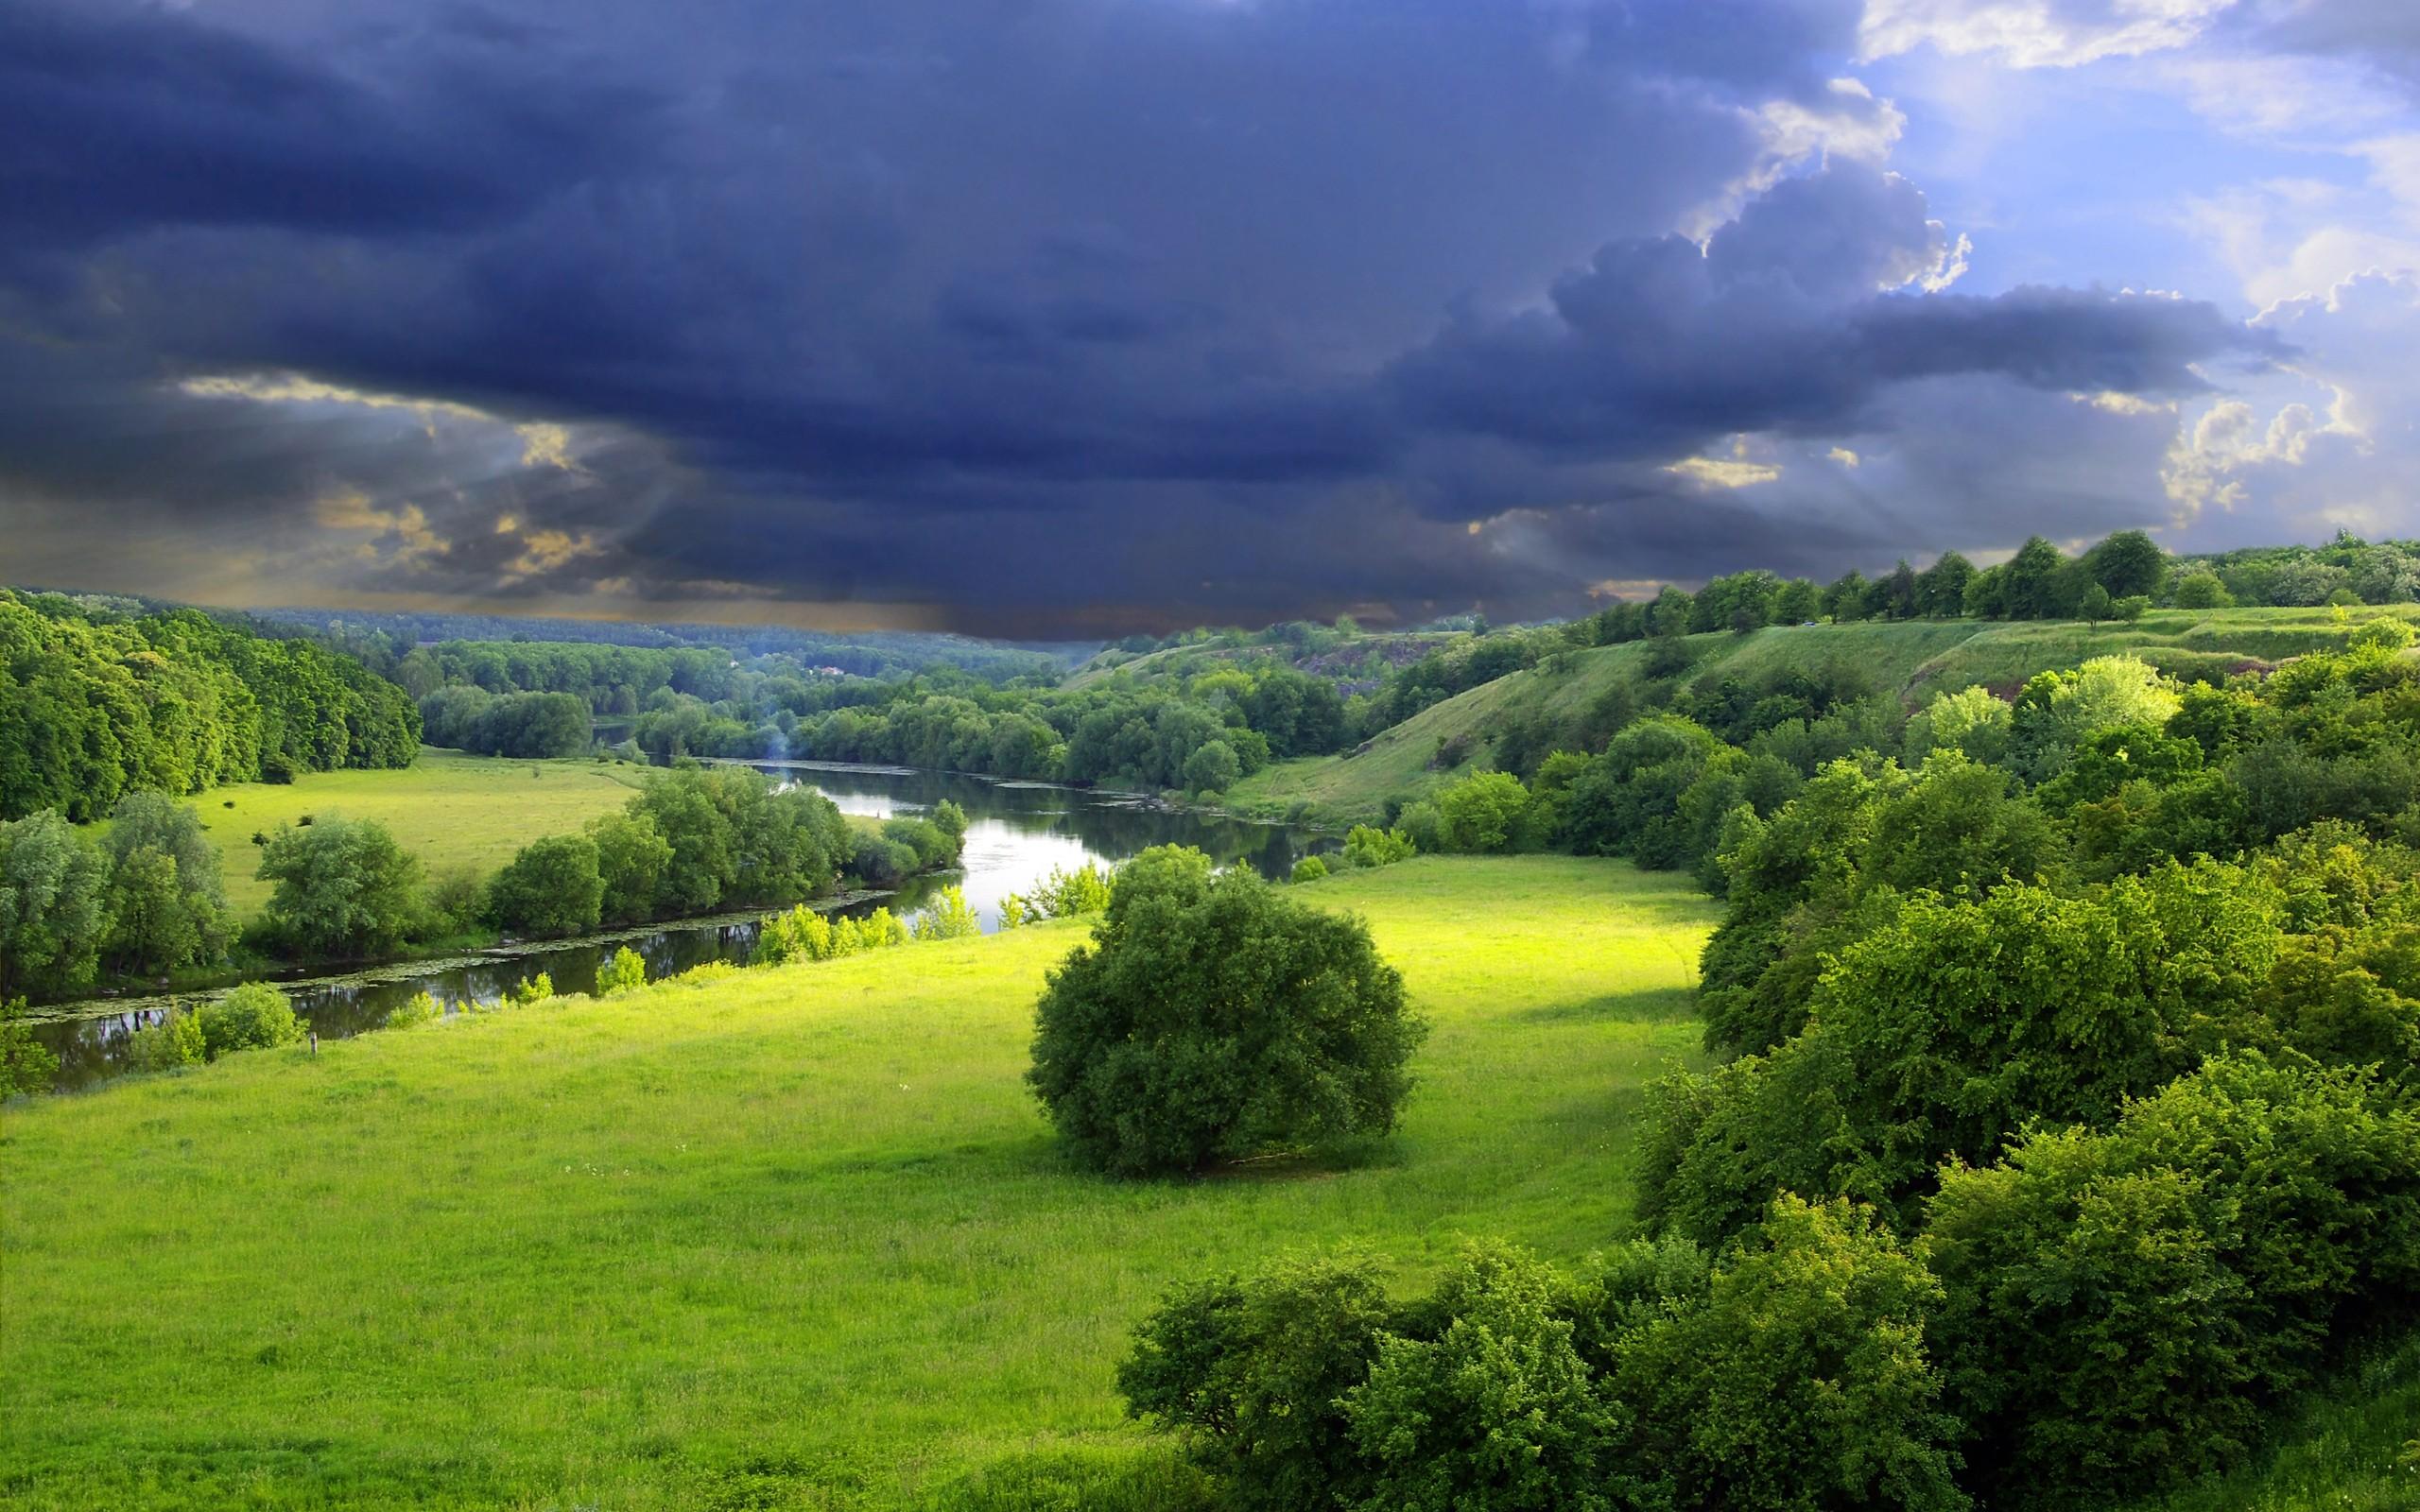 природа река деревья облака небо  № 316544 загрузить